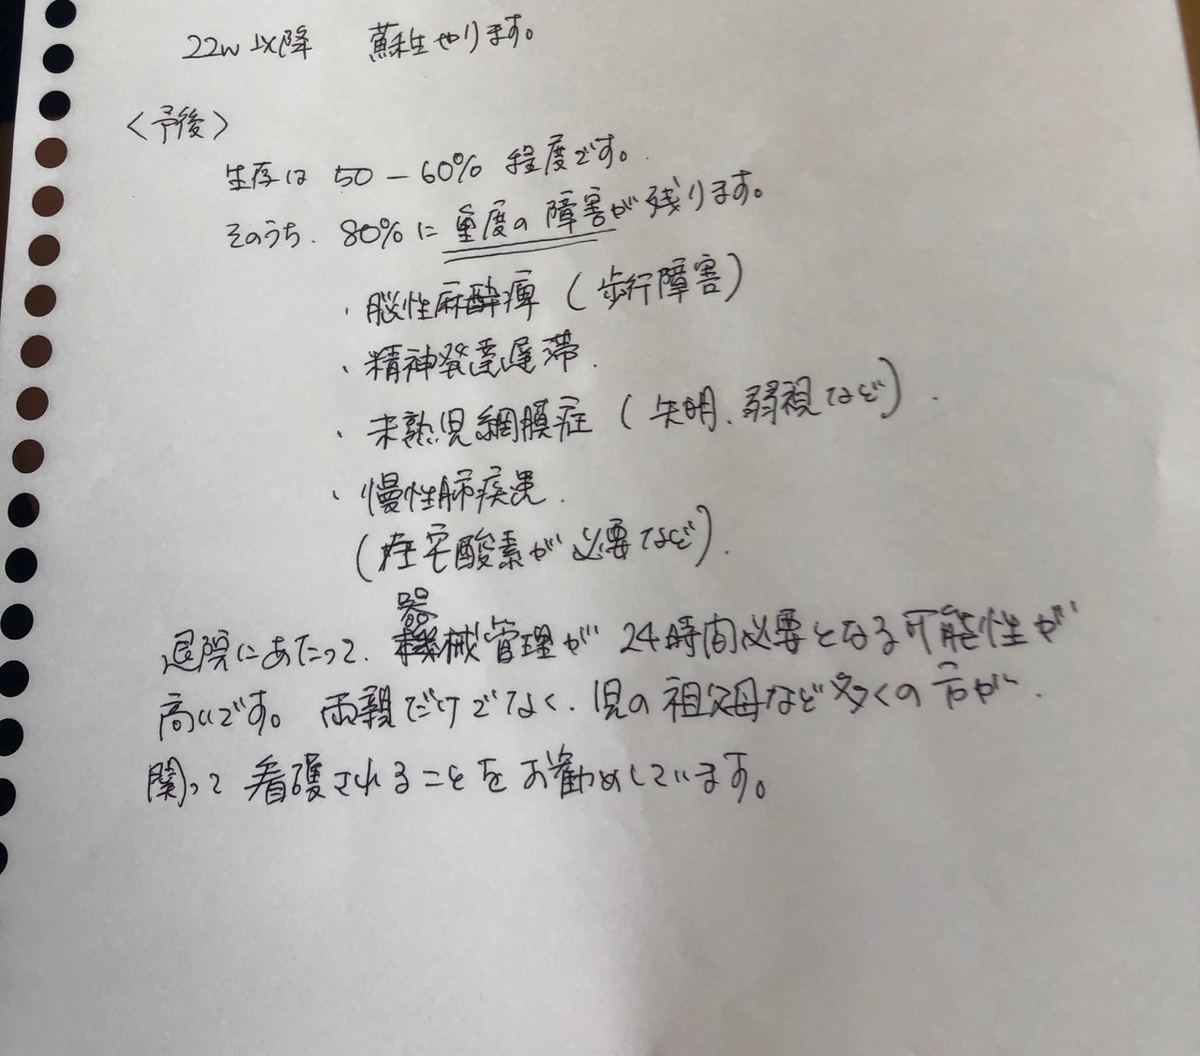 f:id:poyomi3:20200810113544p:plain